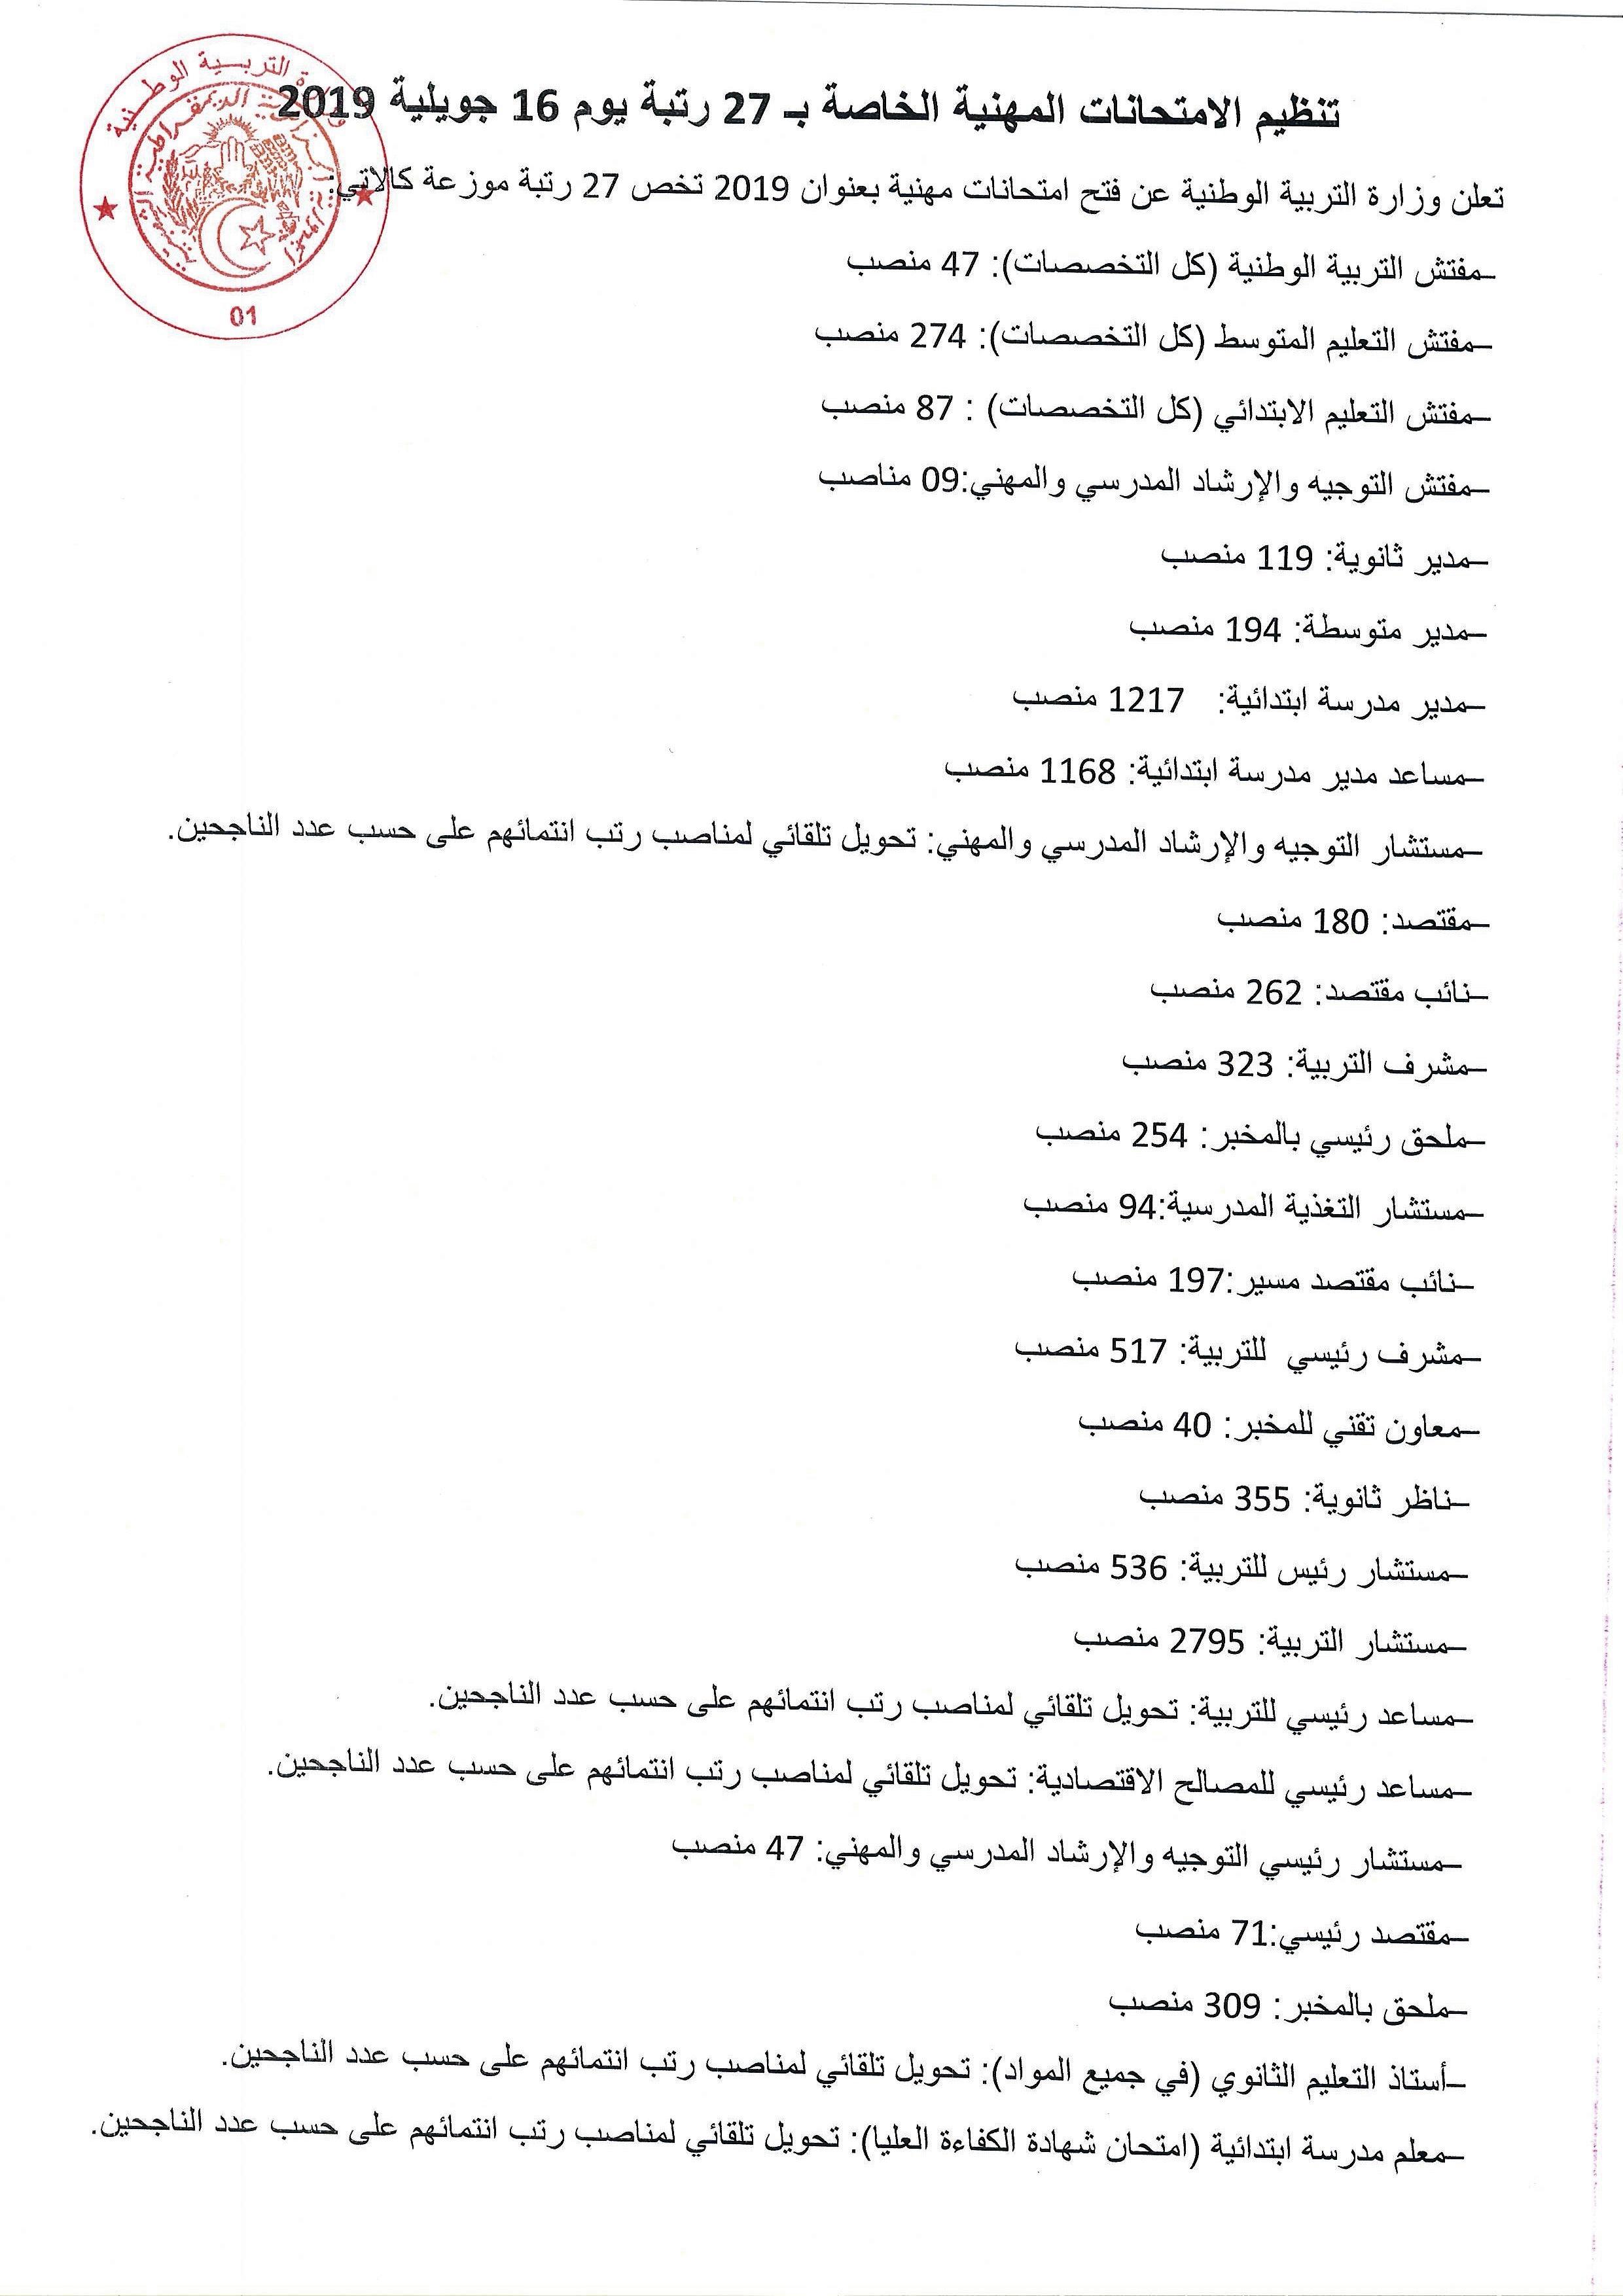 تنظيم الامتحانات المهنية الخاصة بـ 27 رتبة يوم 16 جويلية 2019 Concours-prom1-20.06.2019